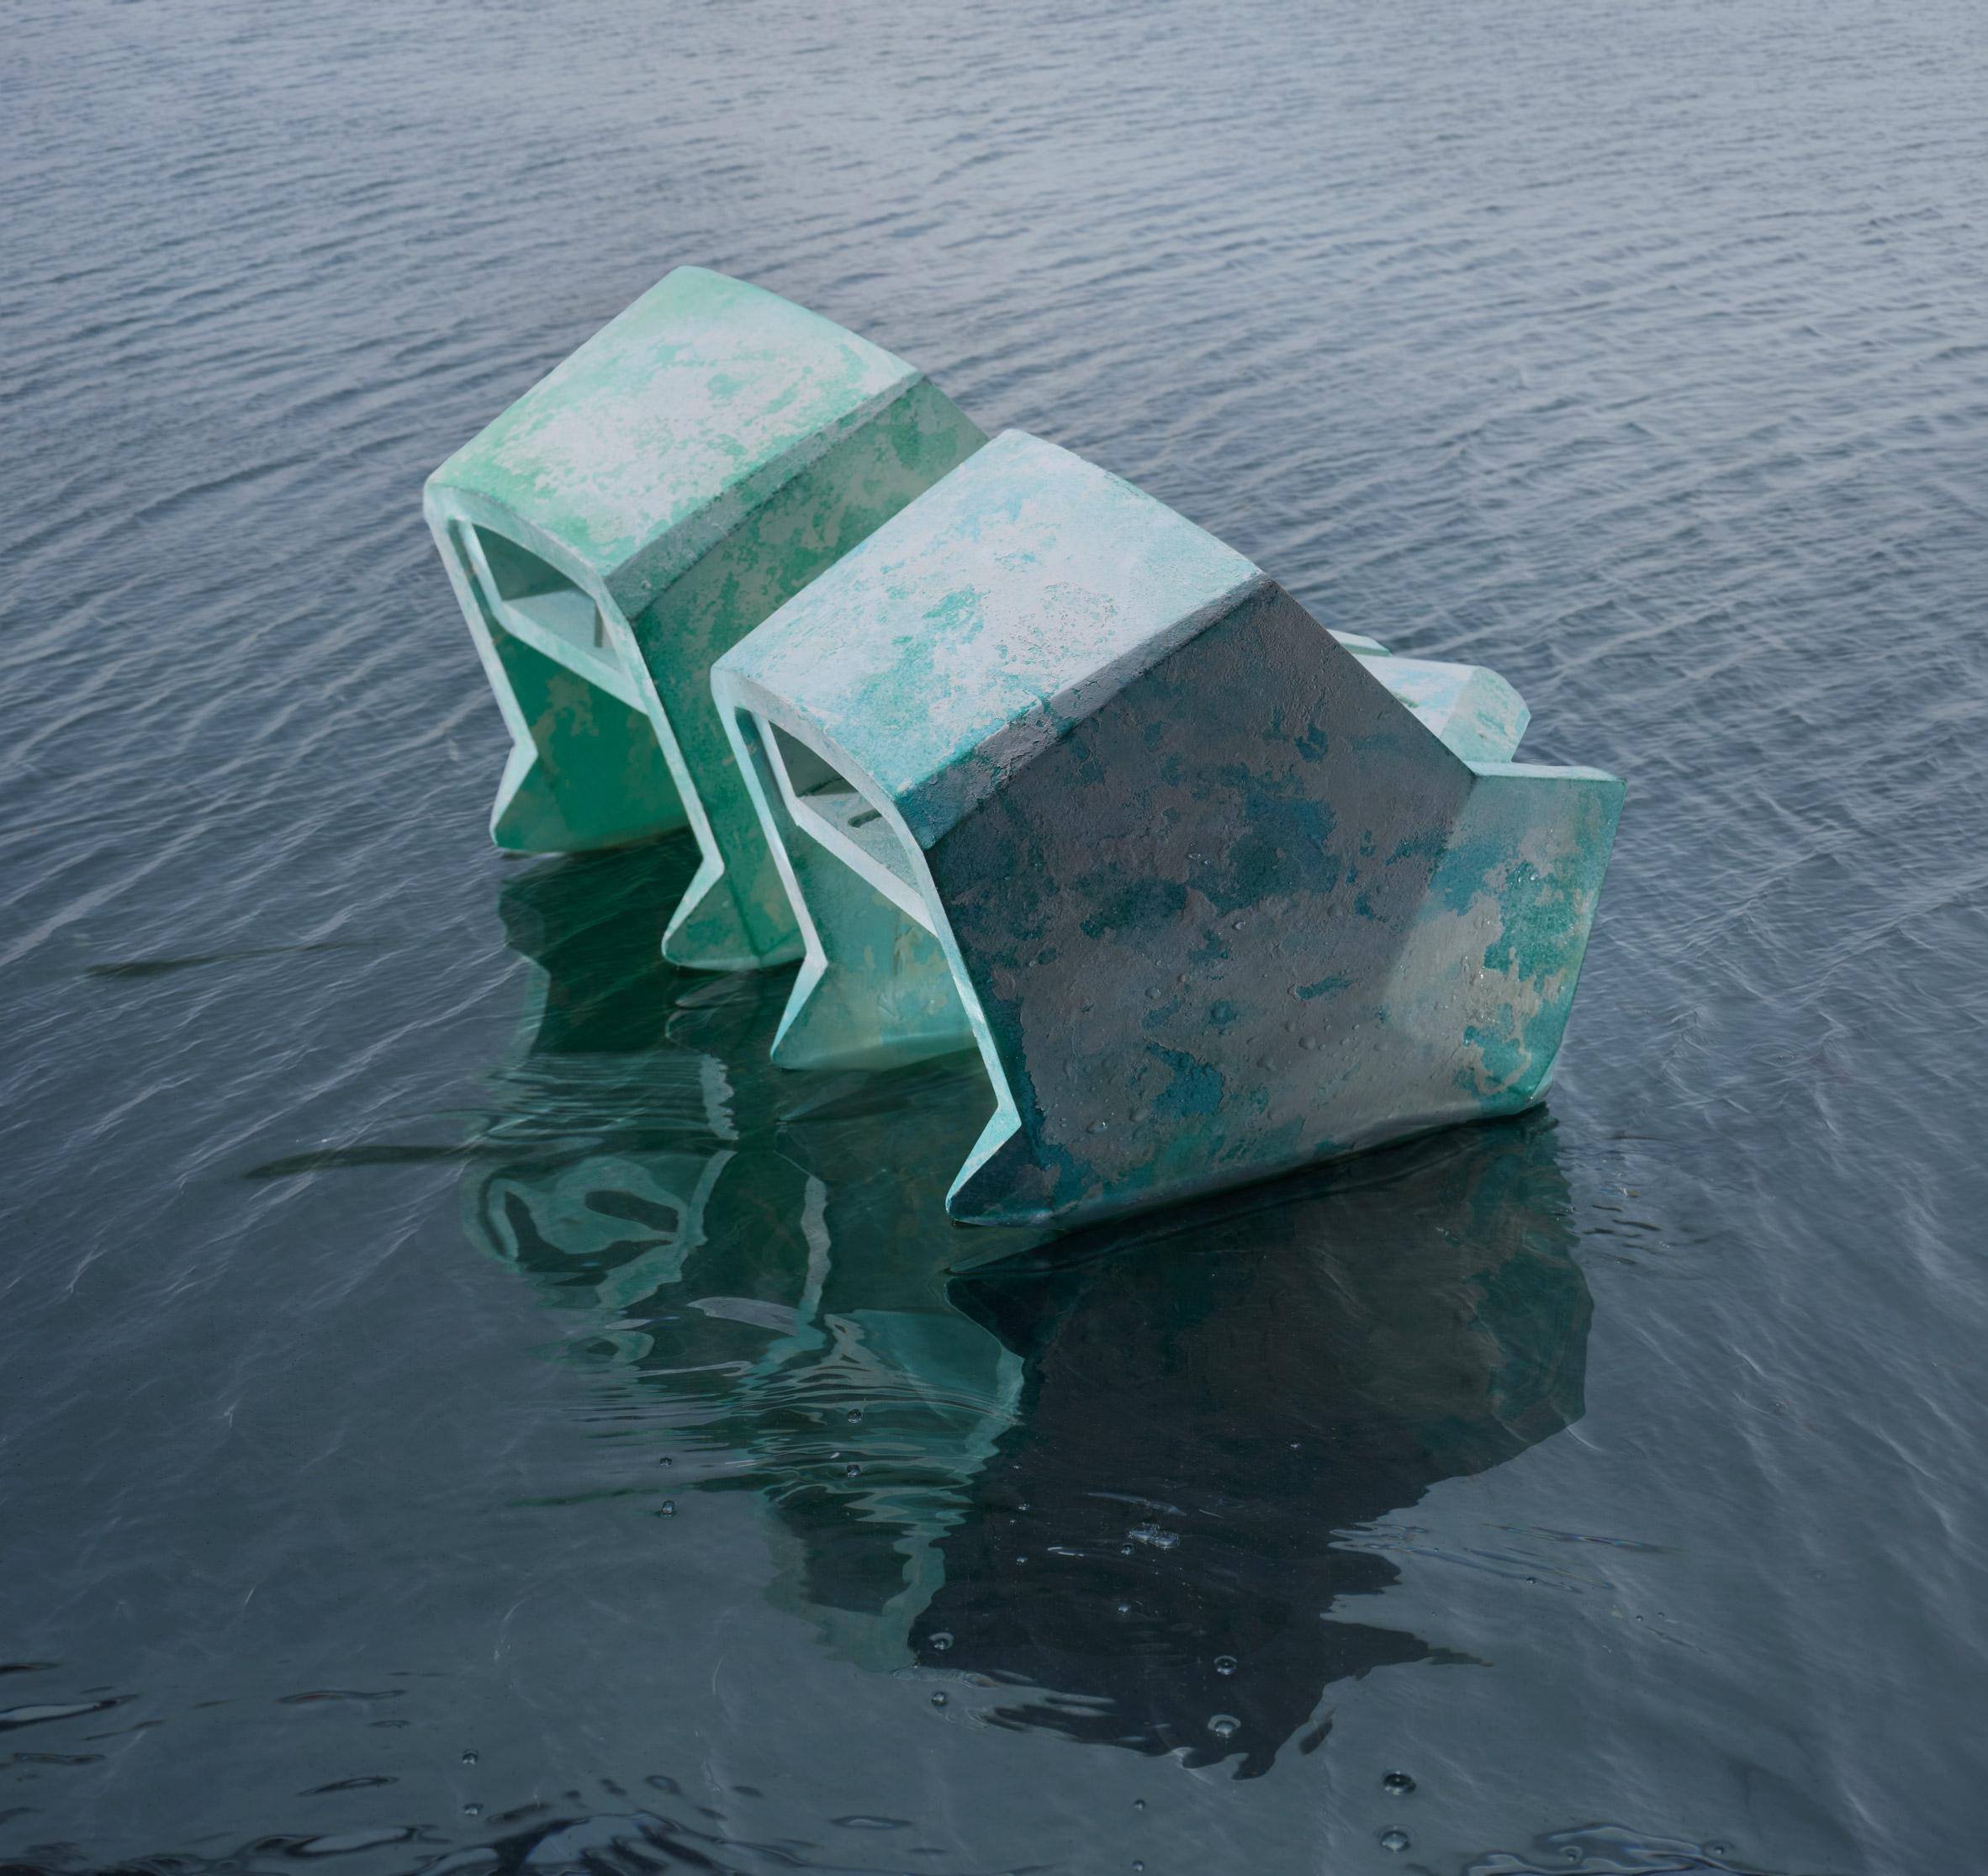 Venice Heel shoe in water